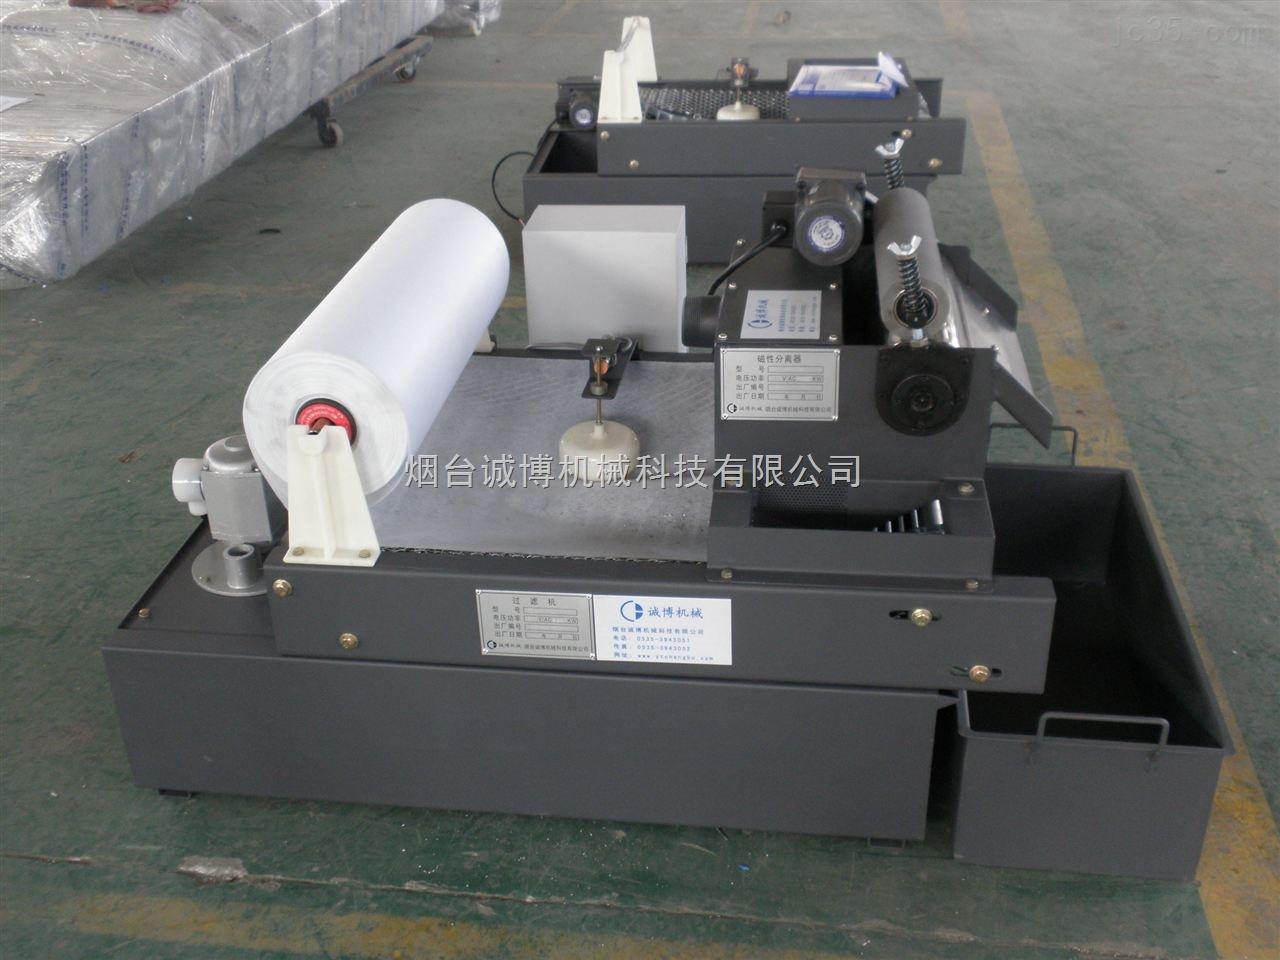 提供:大水磨床磁辊纸带过滤机批发厂家